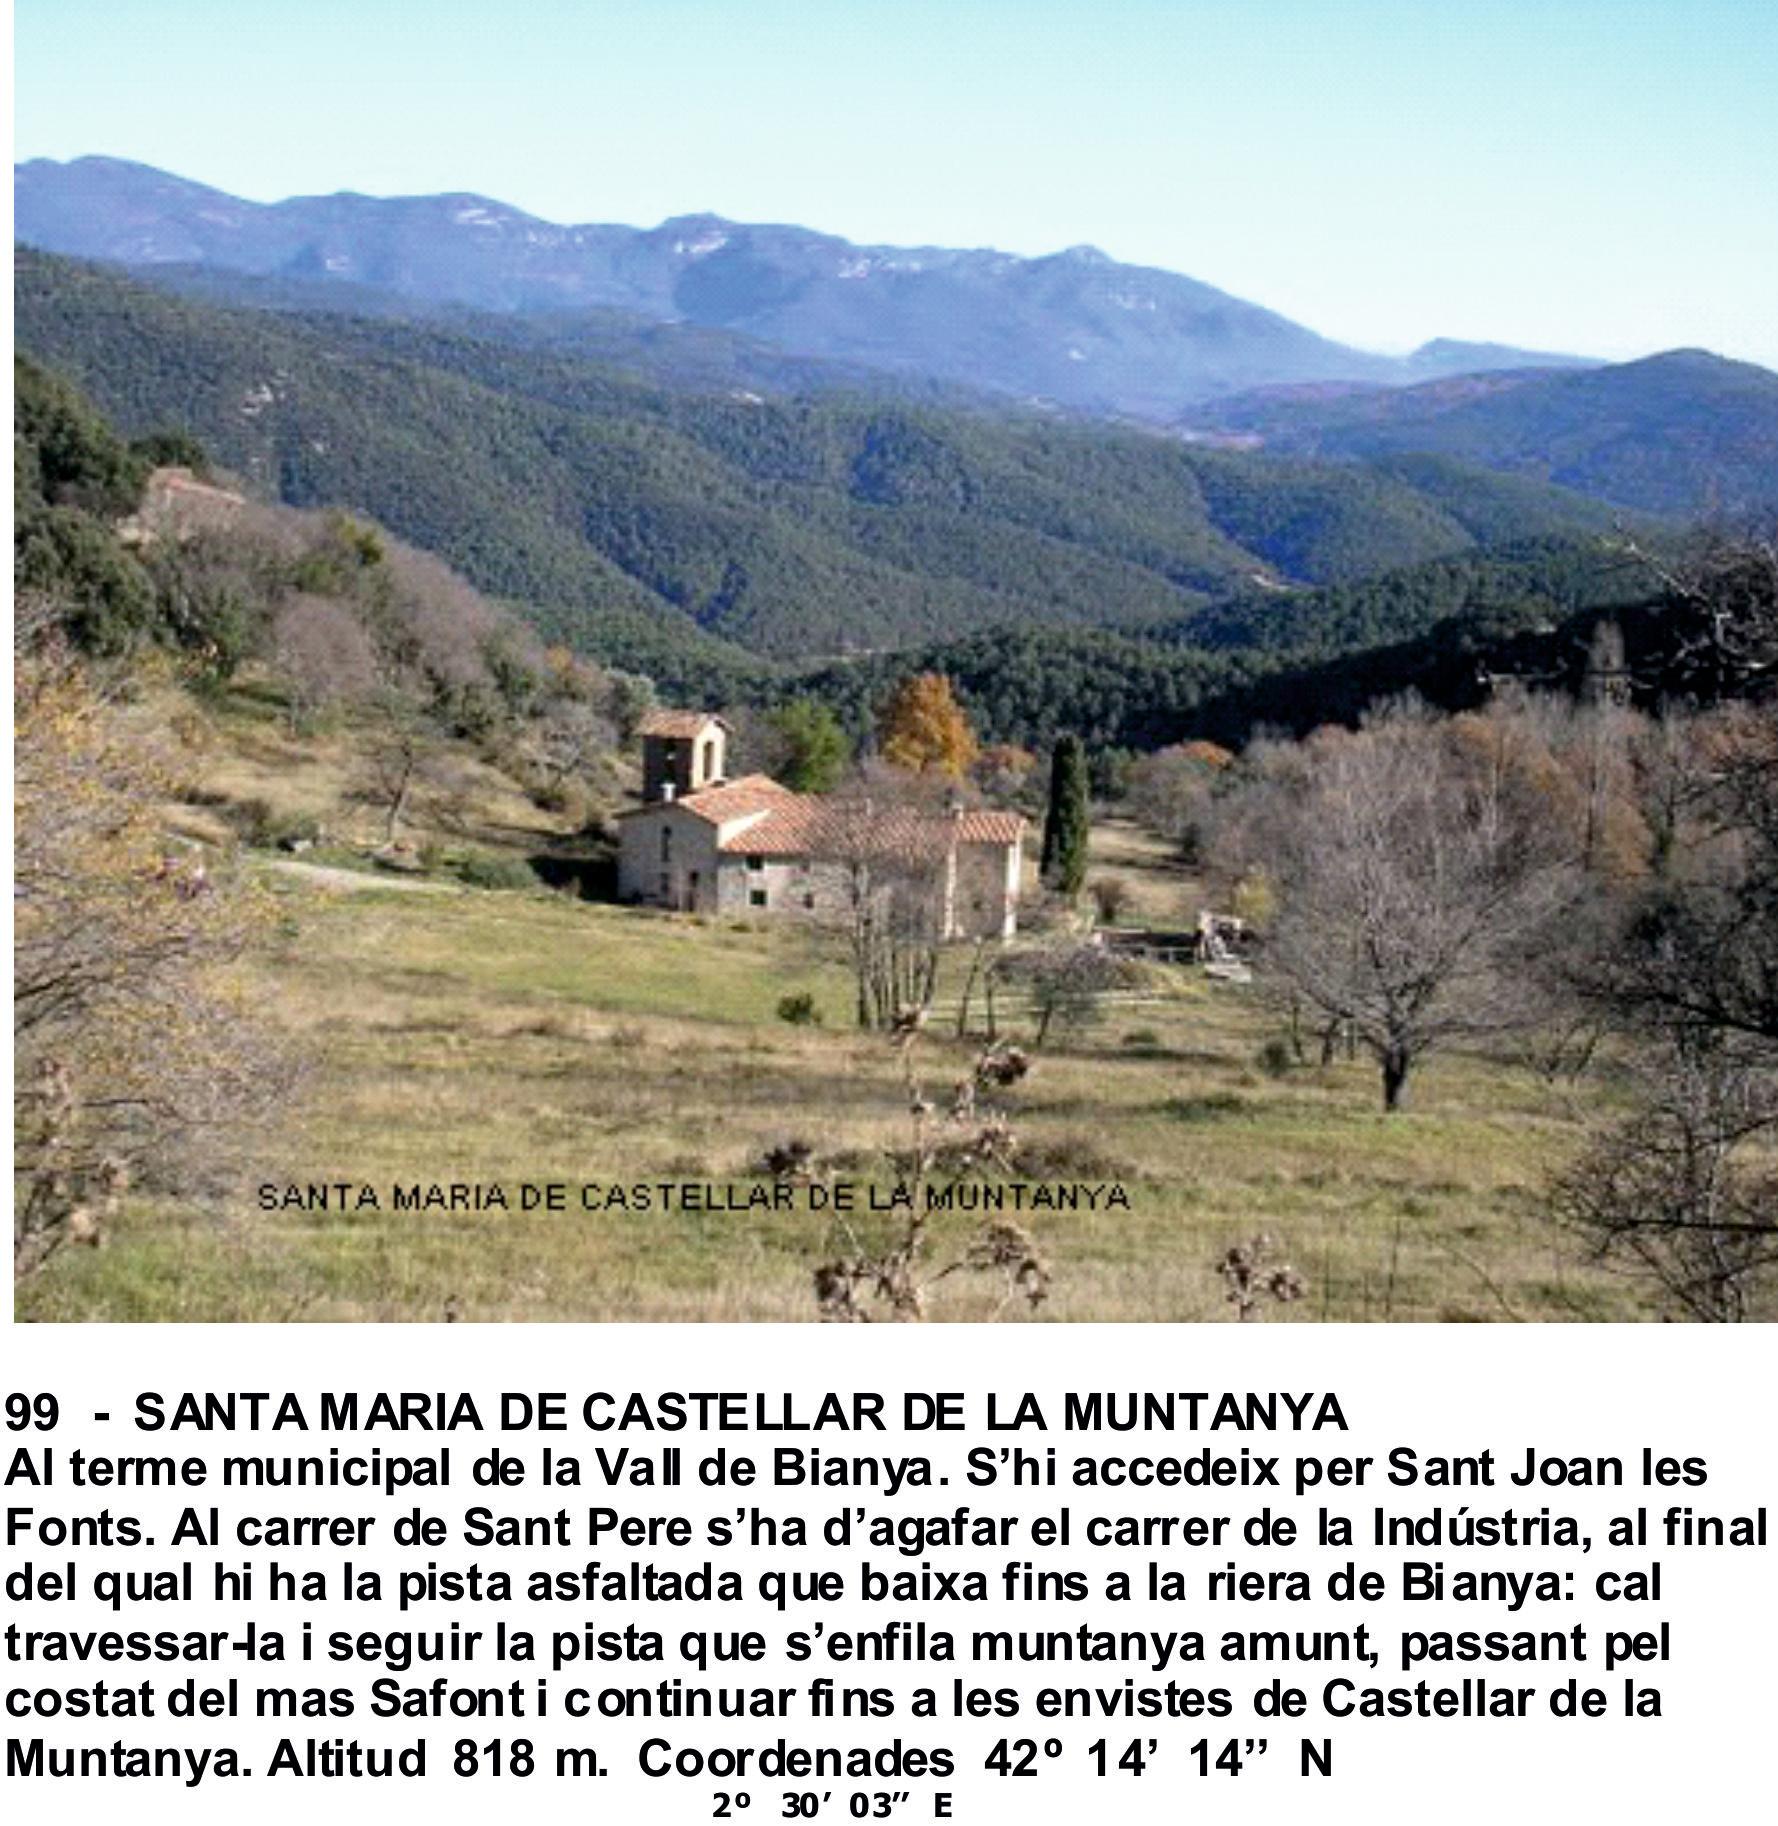 99  -  SANTA MARIA DE CASTELLAR DE LA MUNTANYA